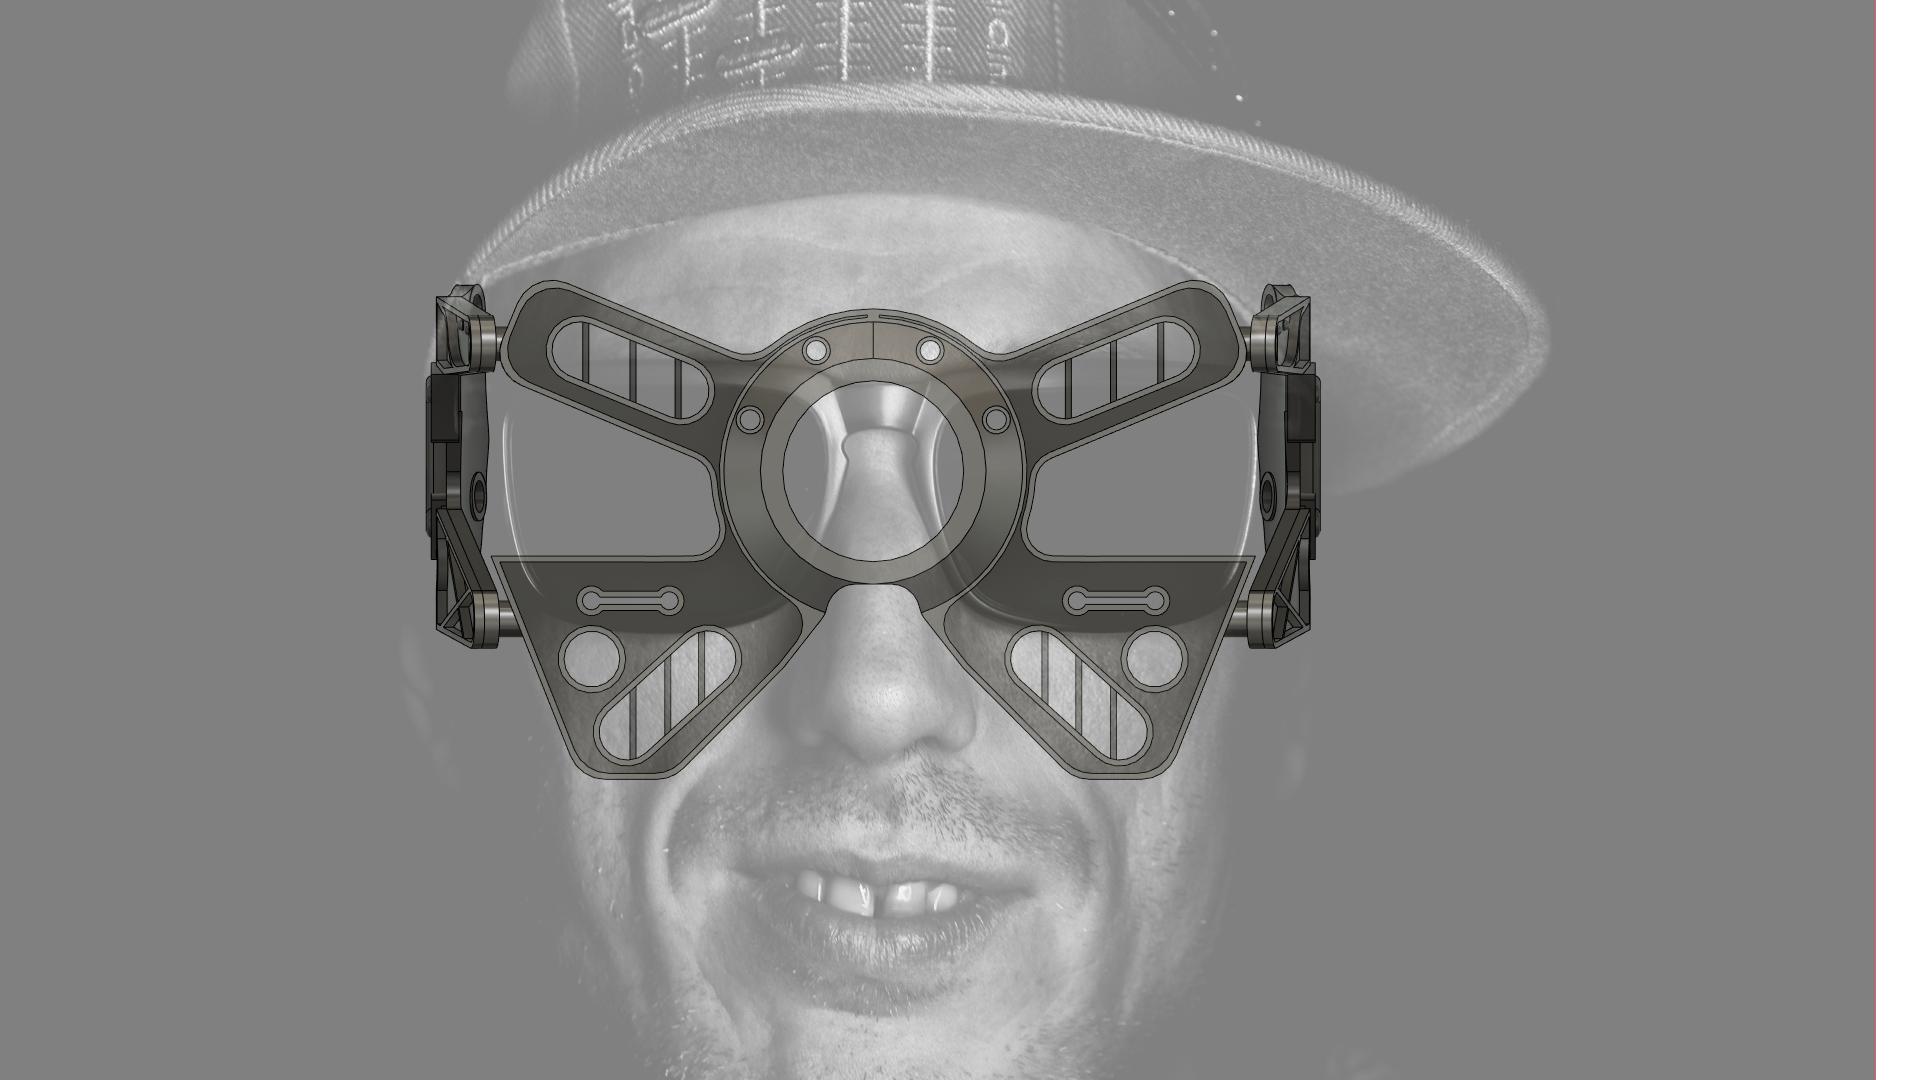 lentes v12.png Download STL file Cyberpunk themed goggles • 3D printer design, gobotoru